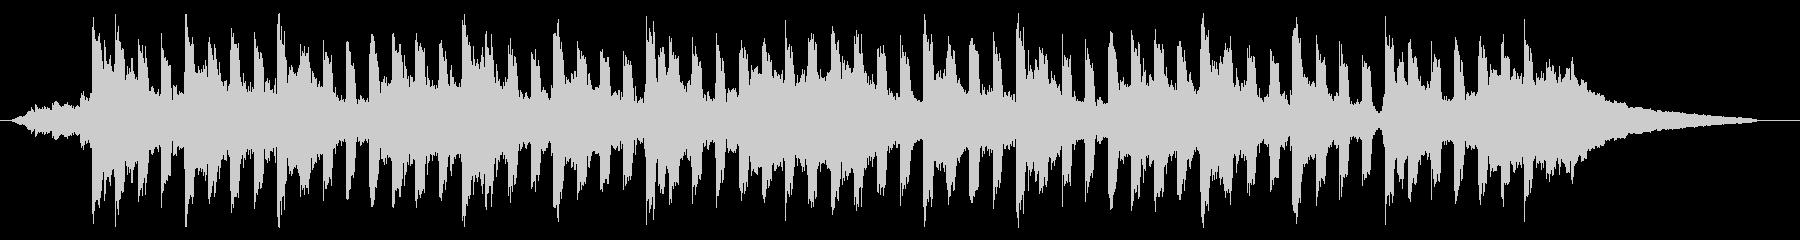 【ショート版】企業VP・CM ピアノ…の未再生の波形